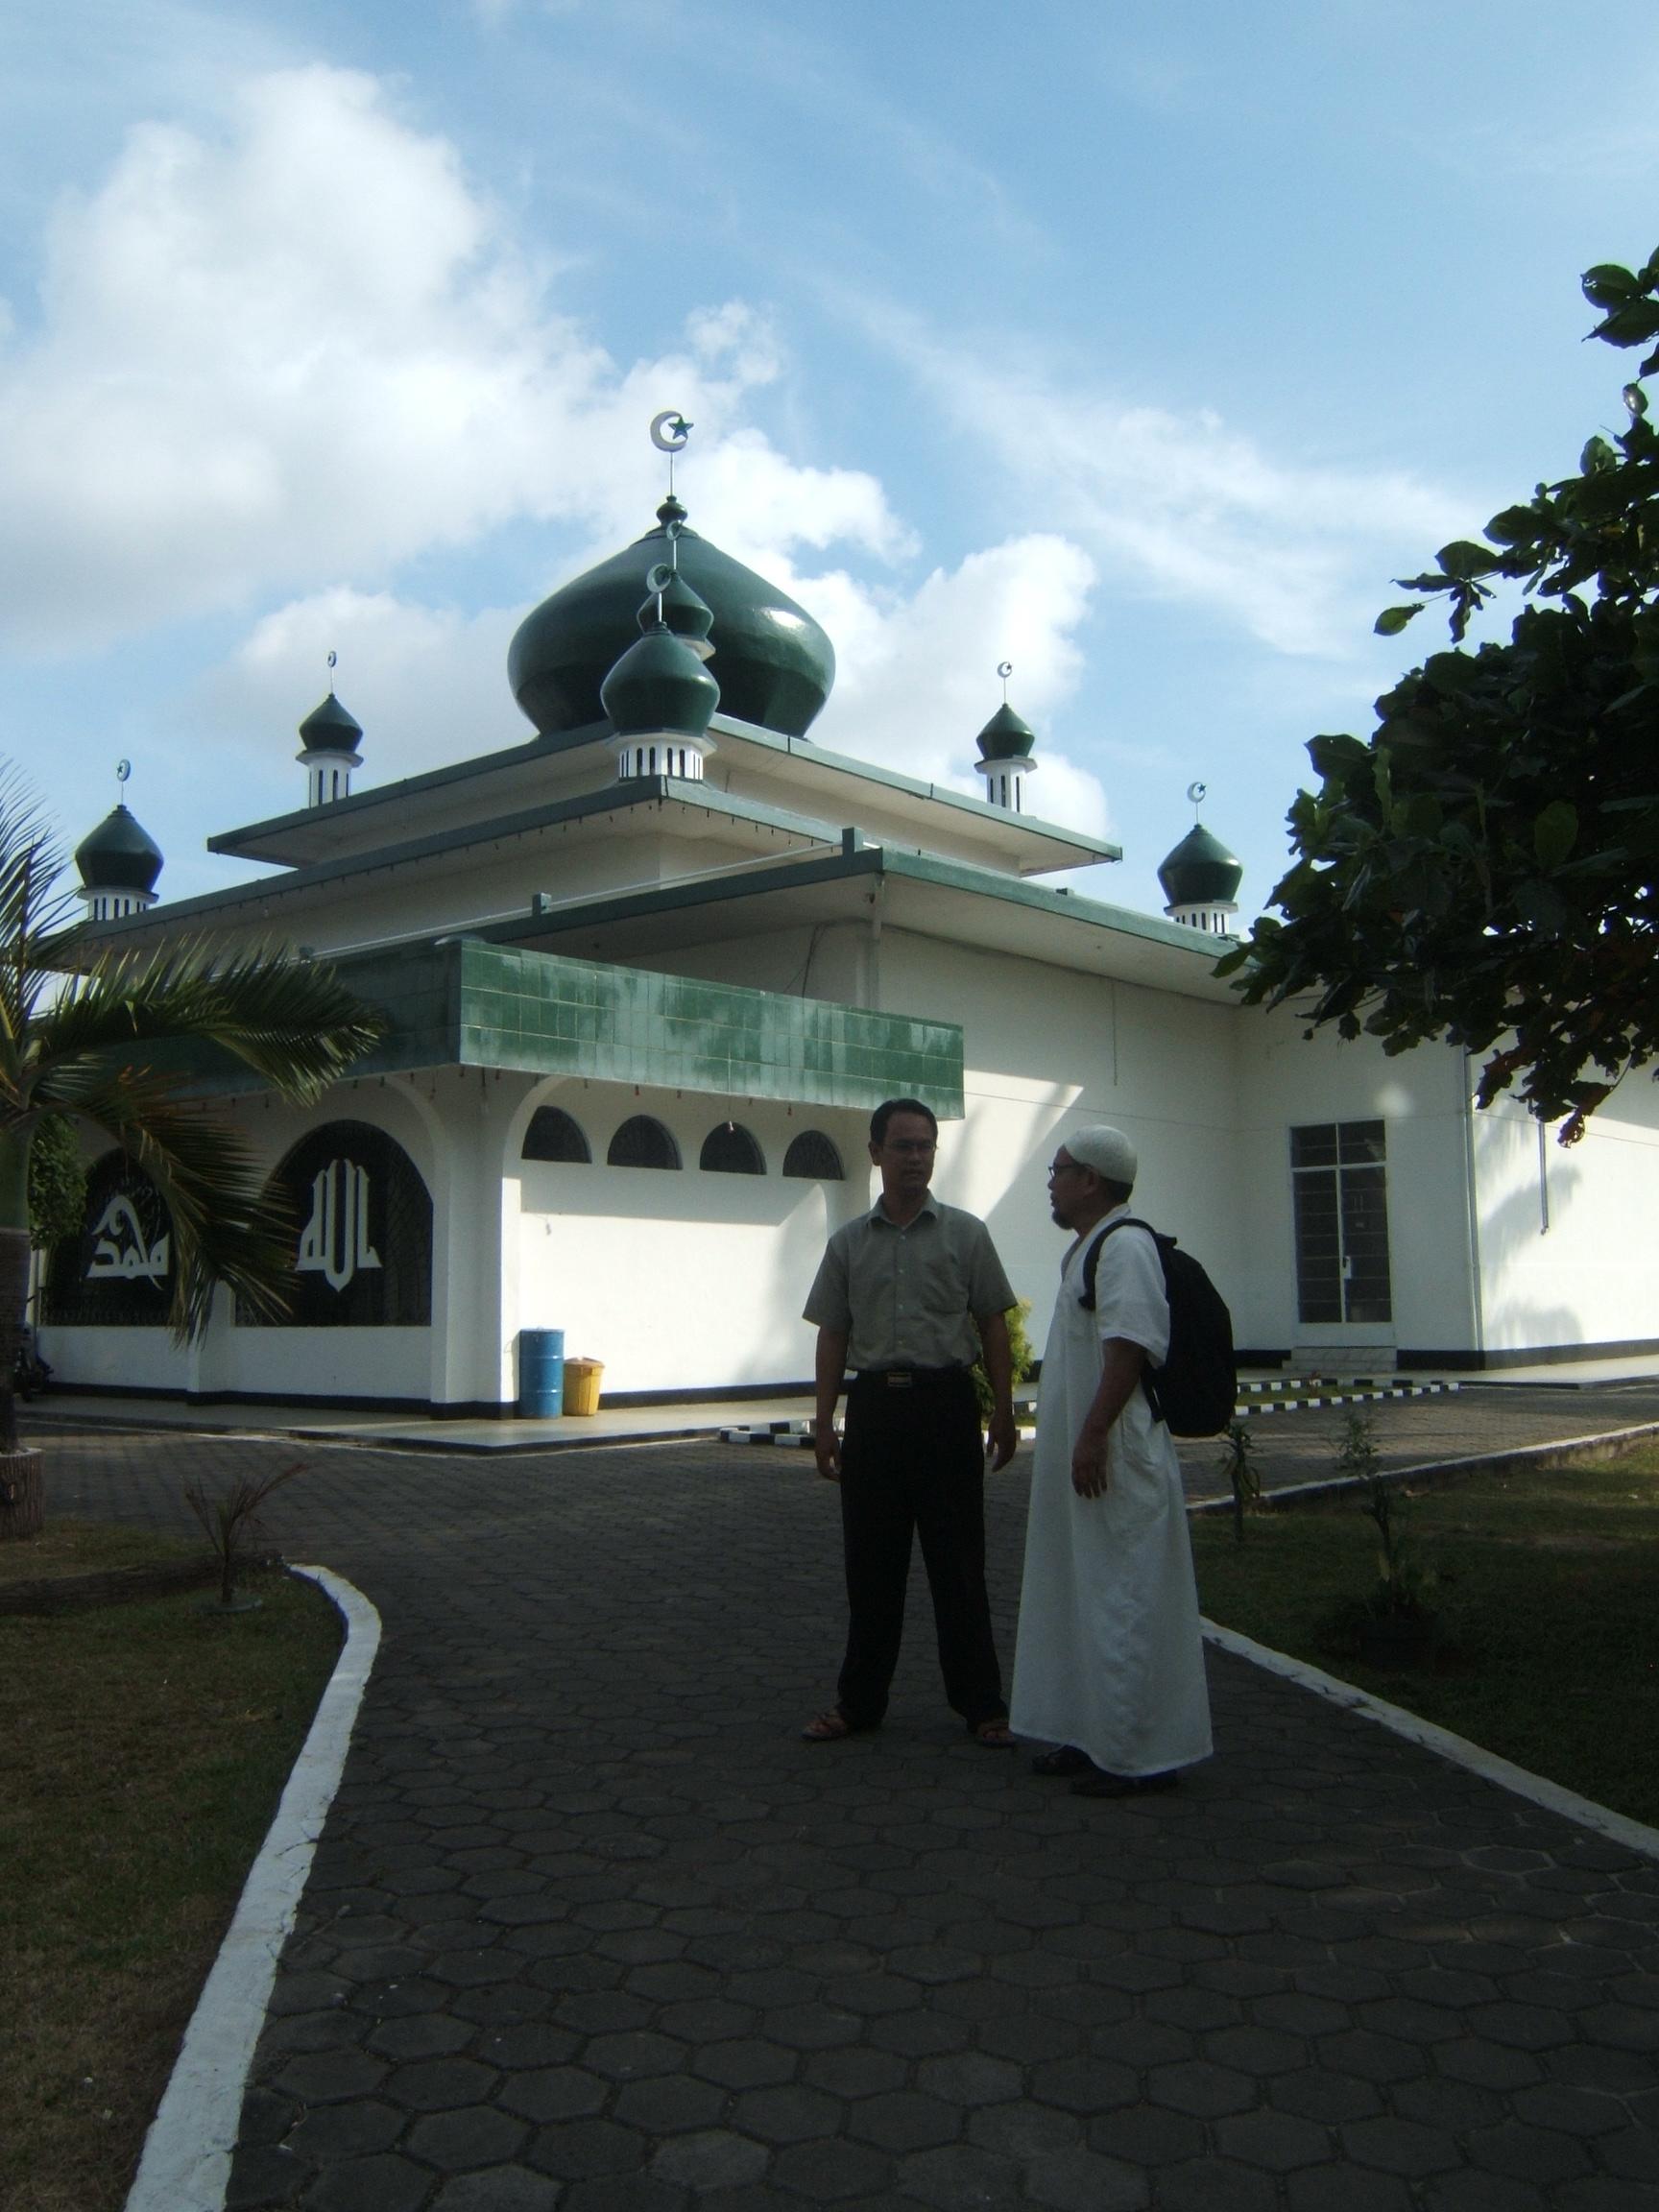 Masjid Raya Tanjung Pinang